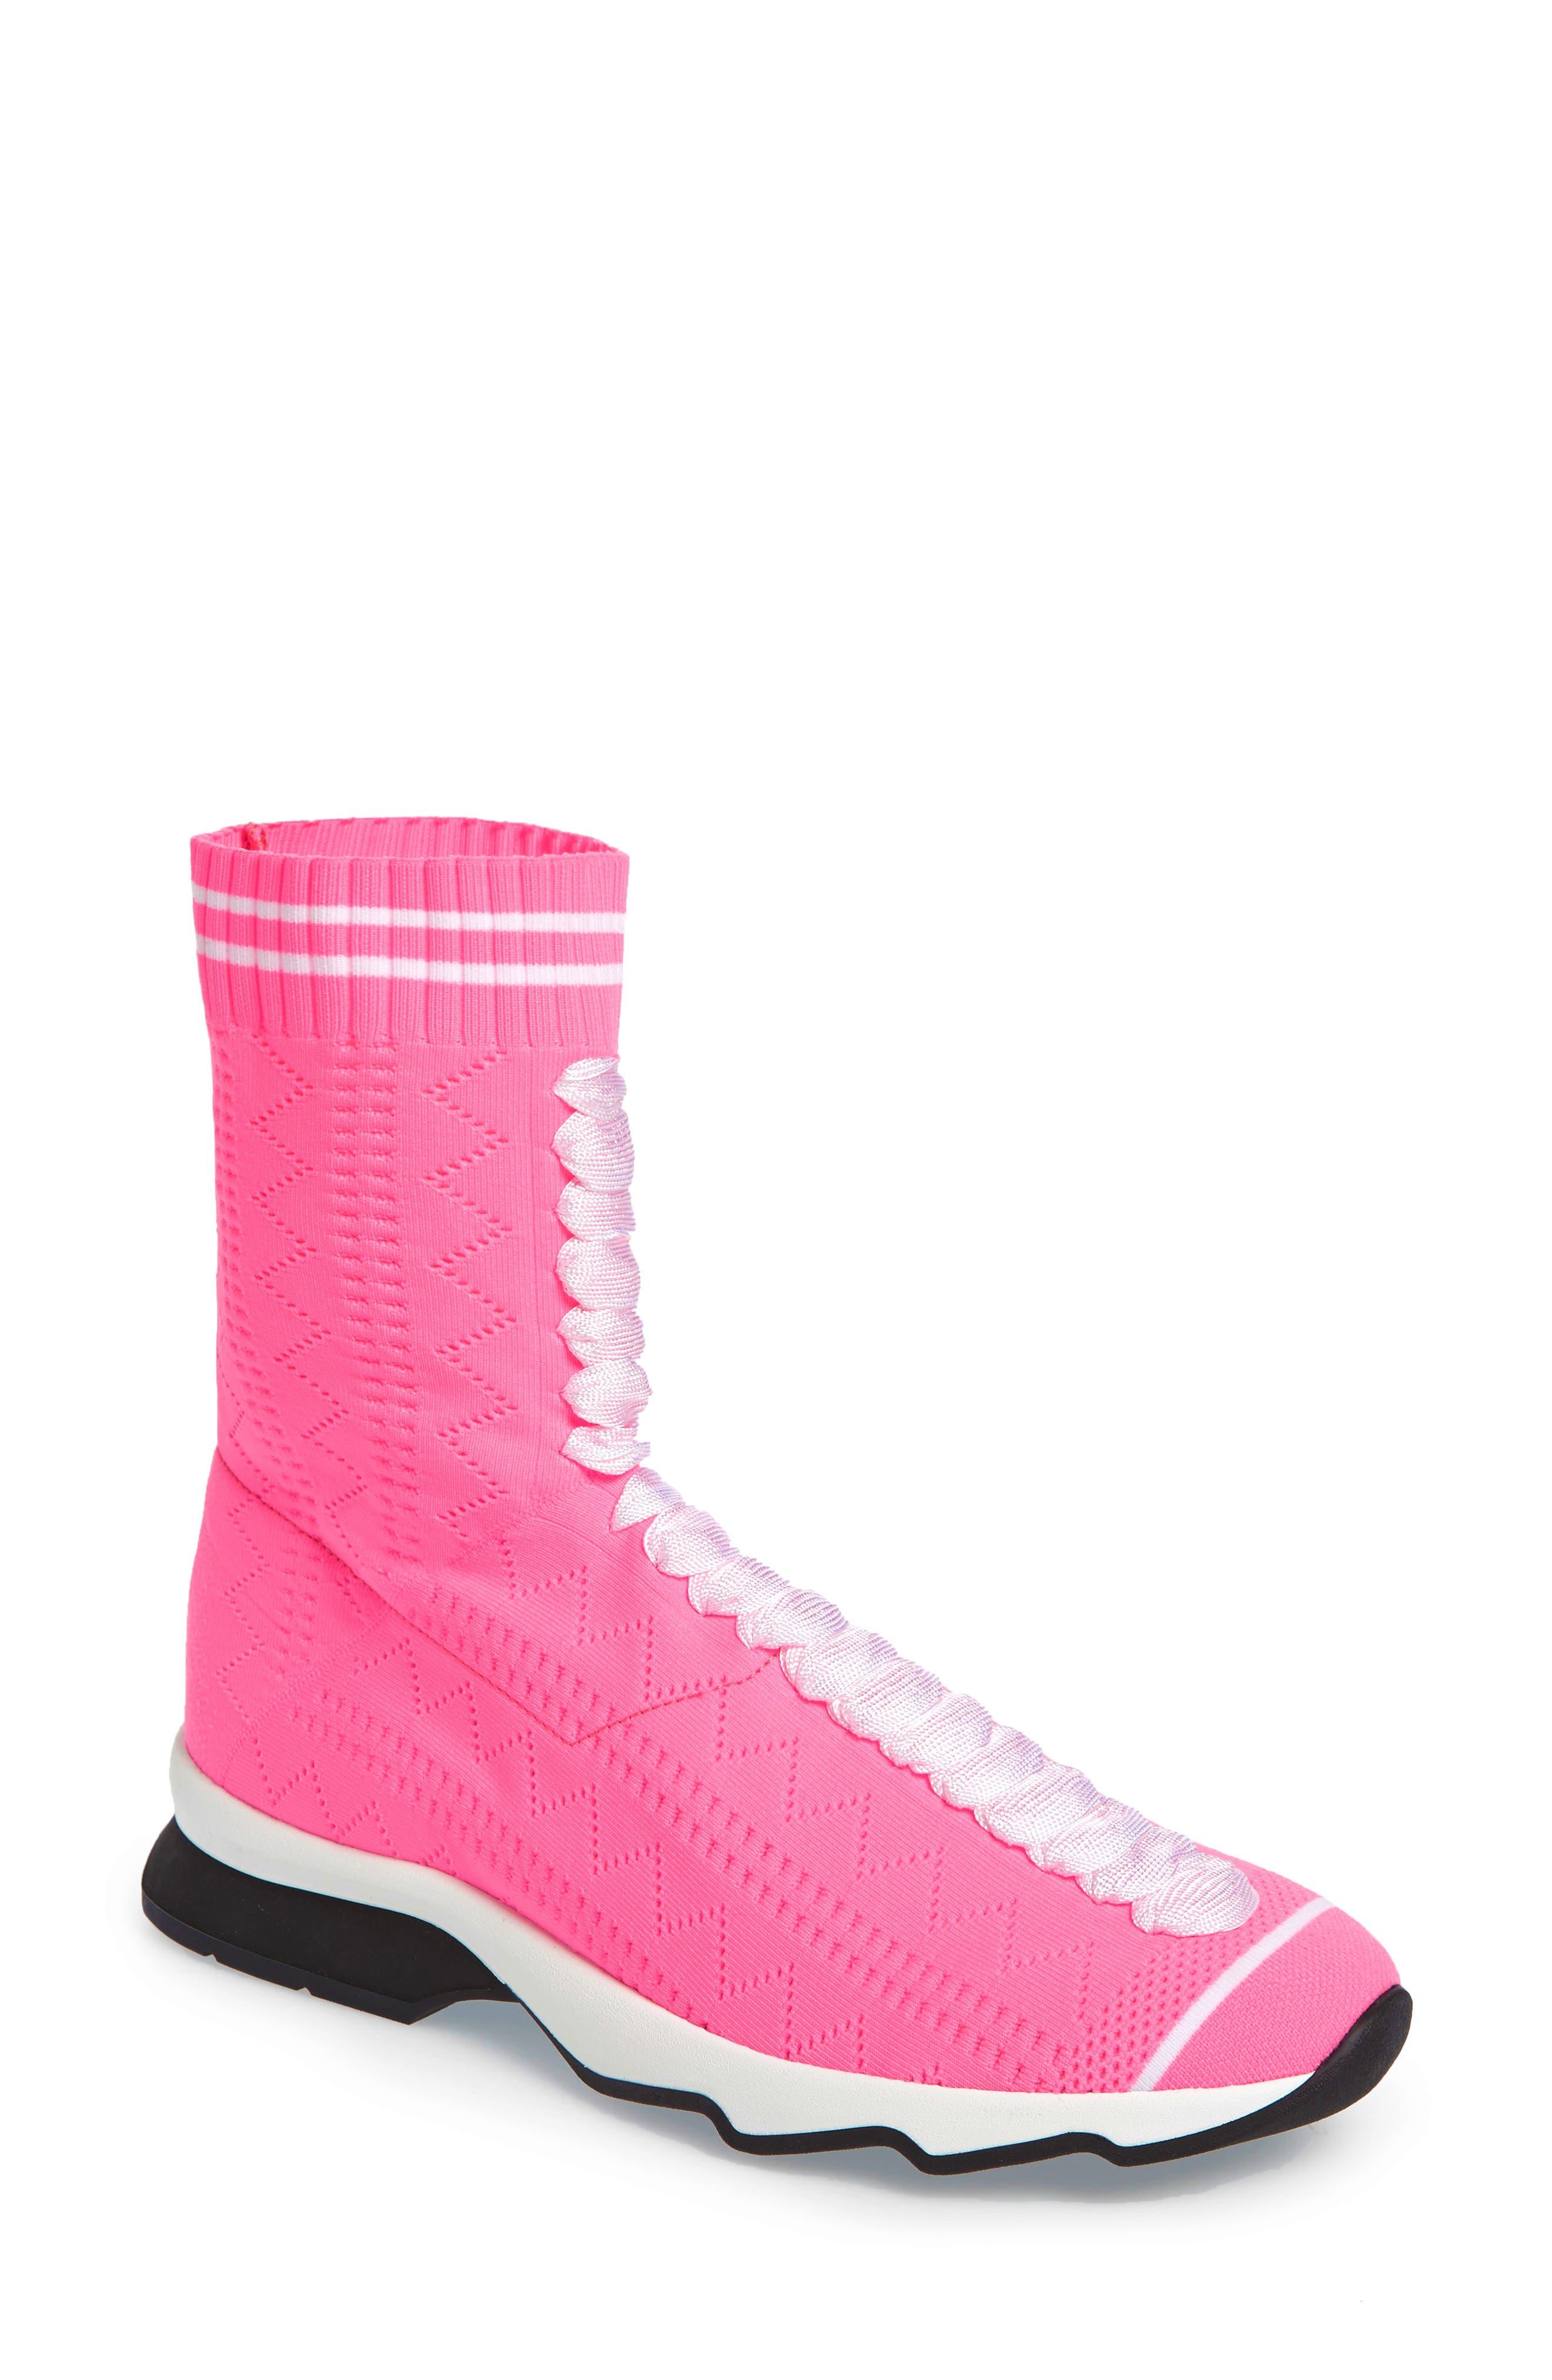 Rocko-Top Sock Sneaker,                             Main thumbnail 1, color,                             Pink